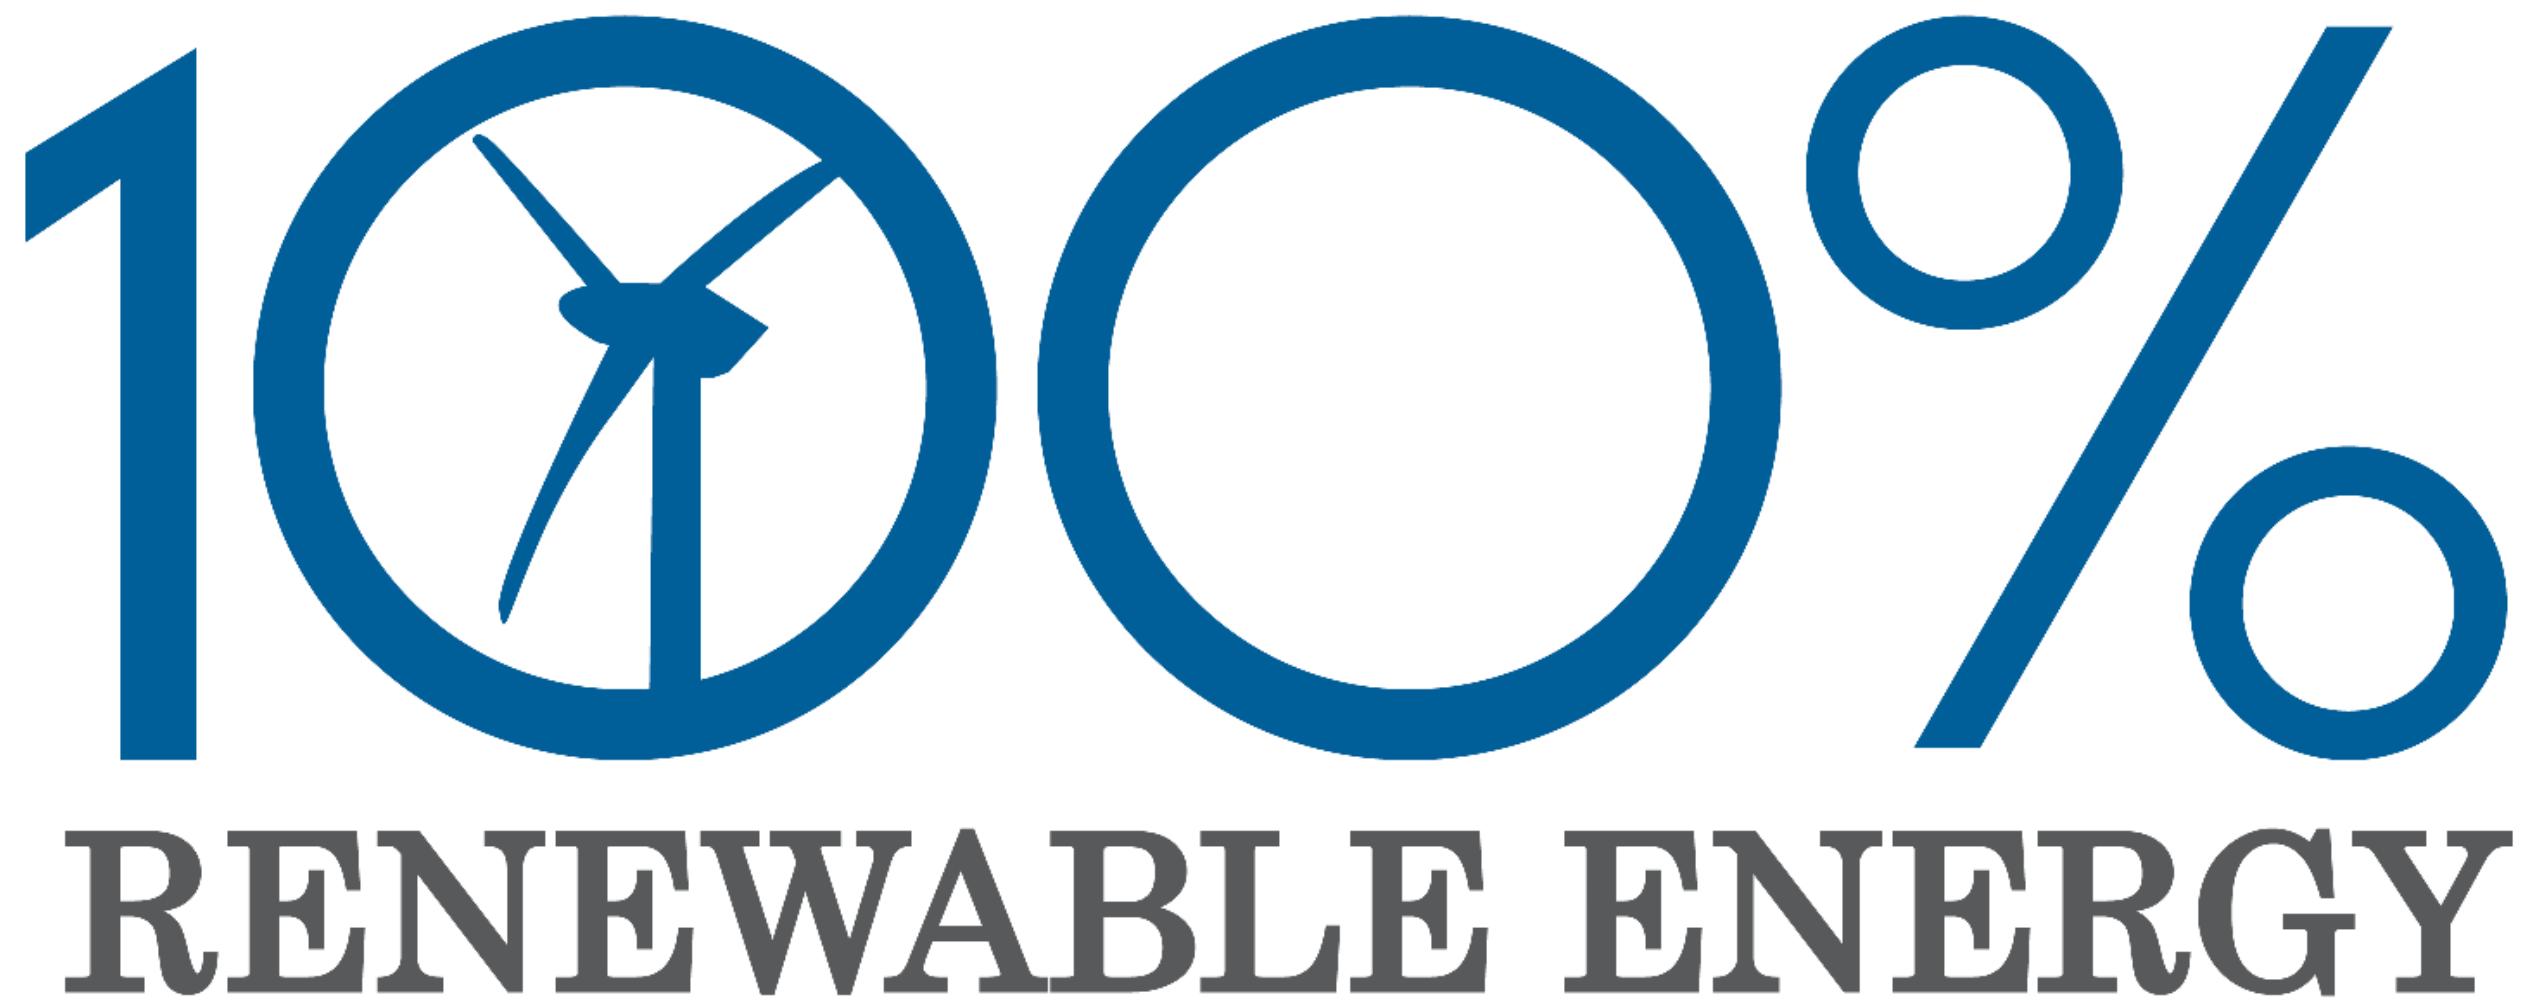 100__renewable_energy_logo